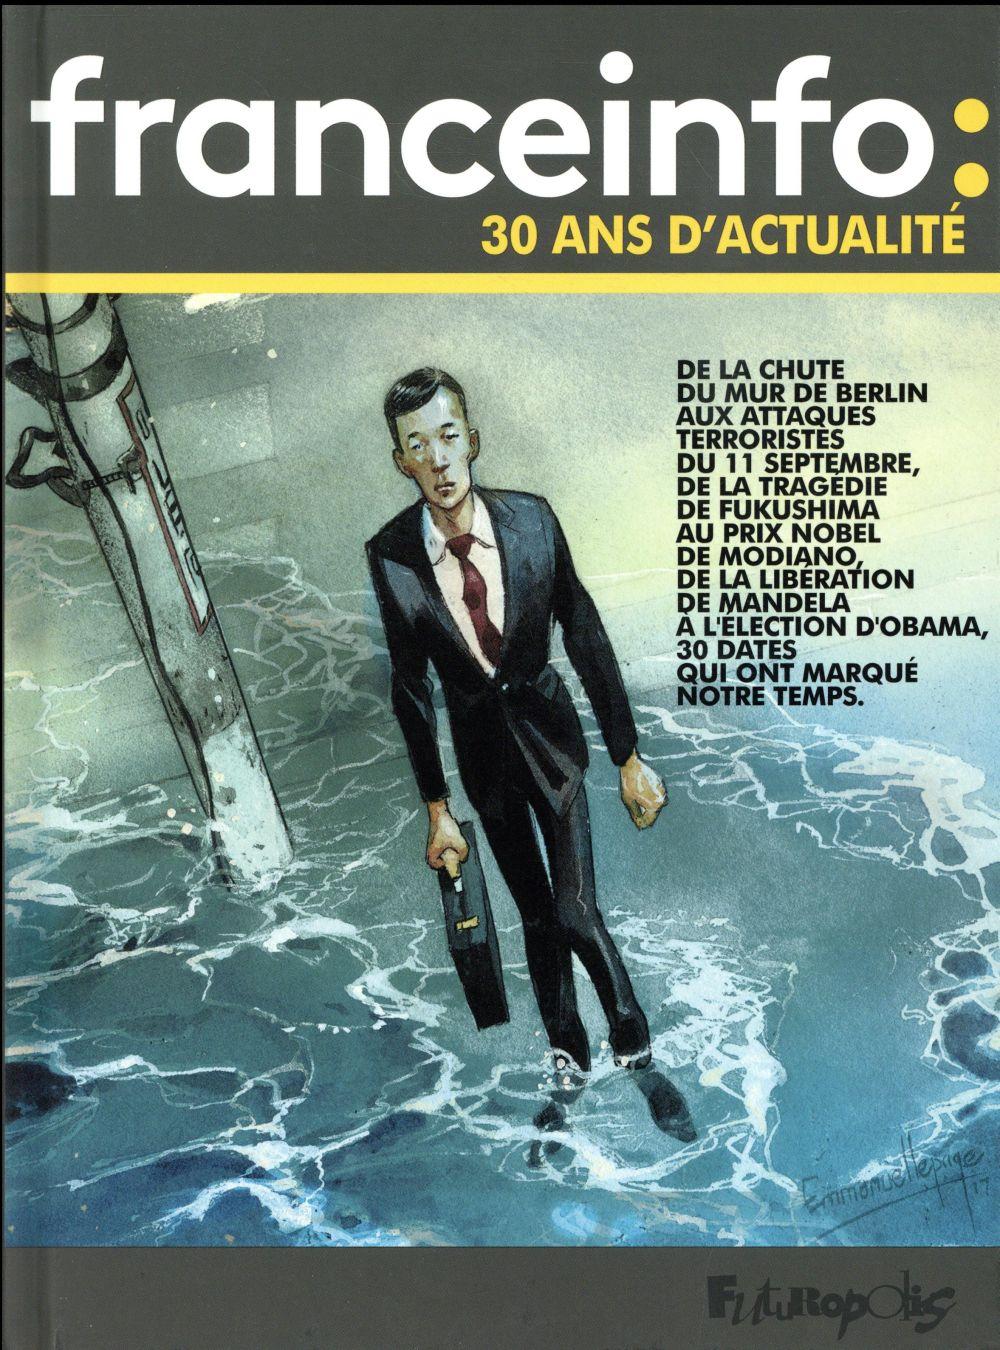 FRANCE INFO : 30 ANS D'ACTUALITE - 30 DATES QUI ONT FAIT L'ACTUALITE EN BANDE DESSINEE